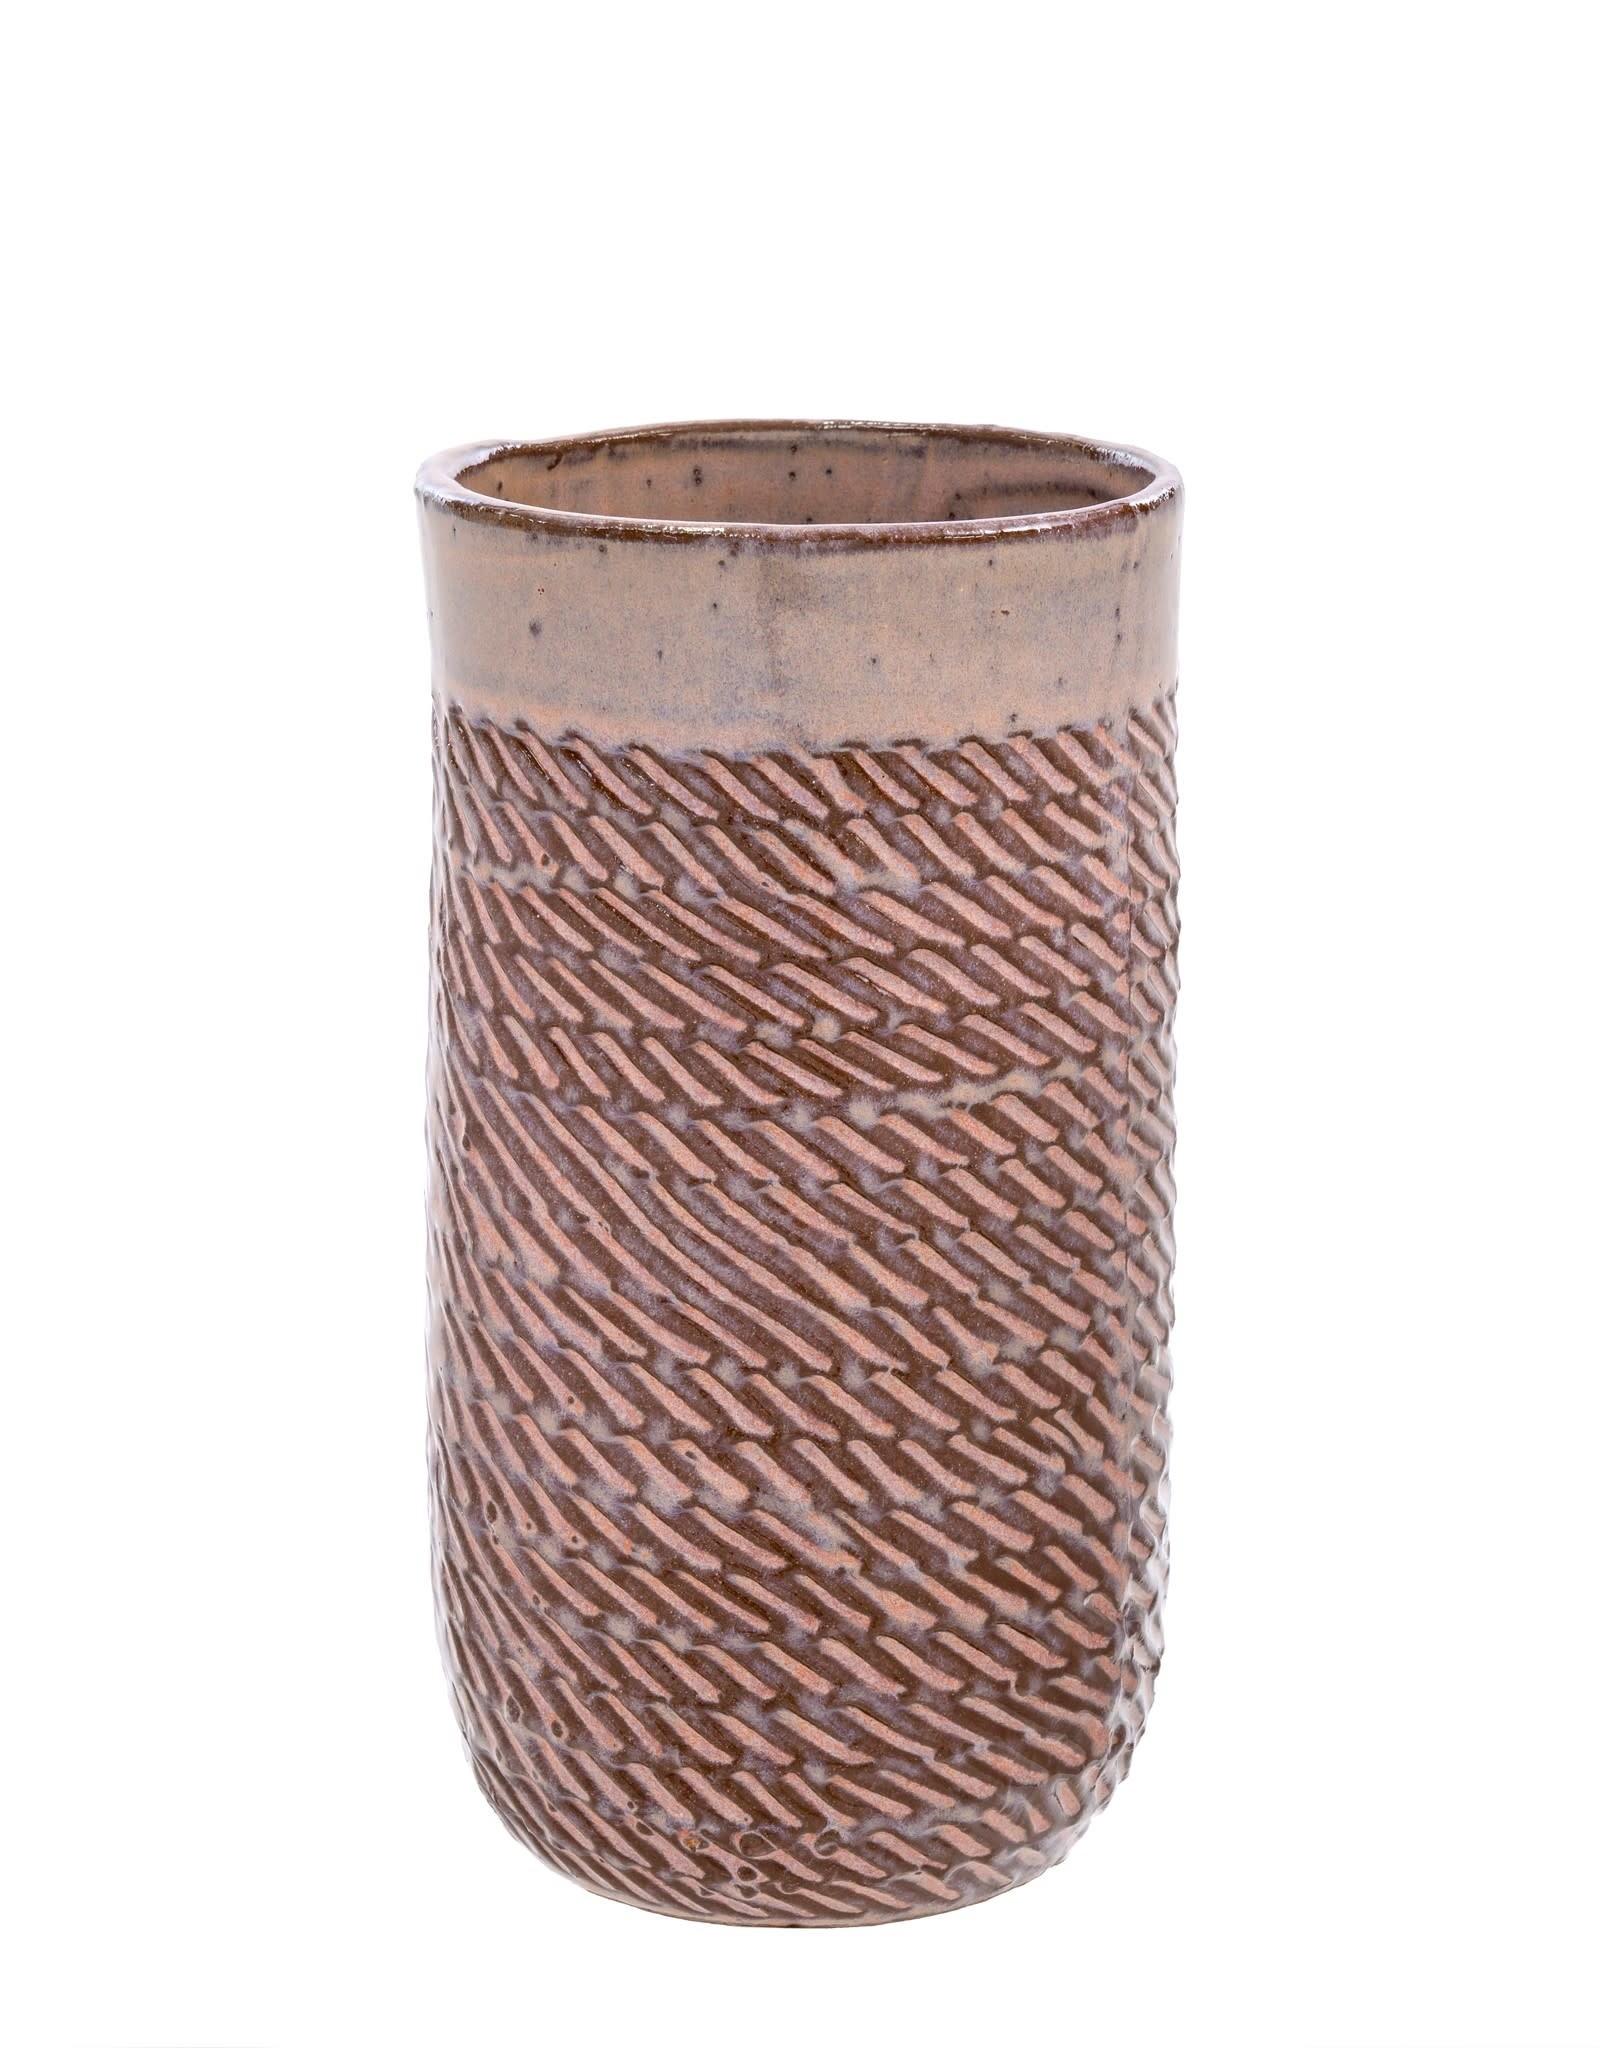 Indaba Pink Sombrio Vase - Large